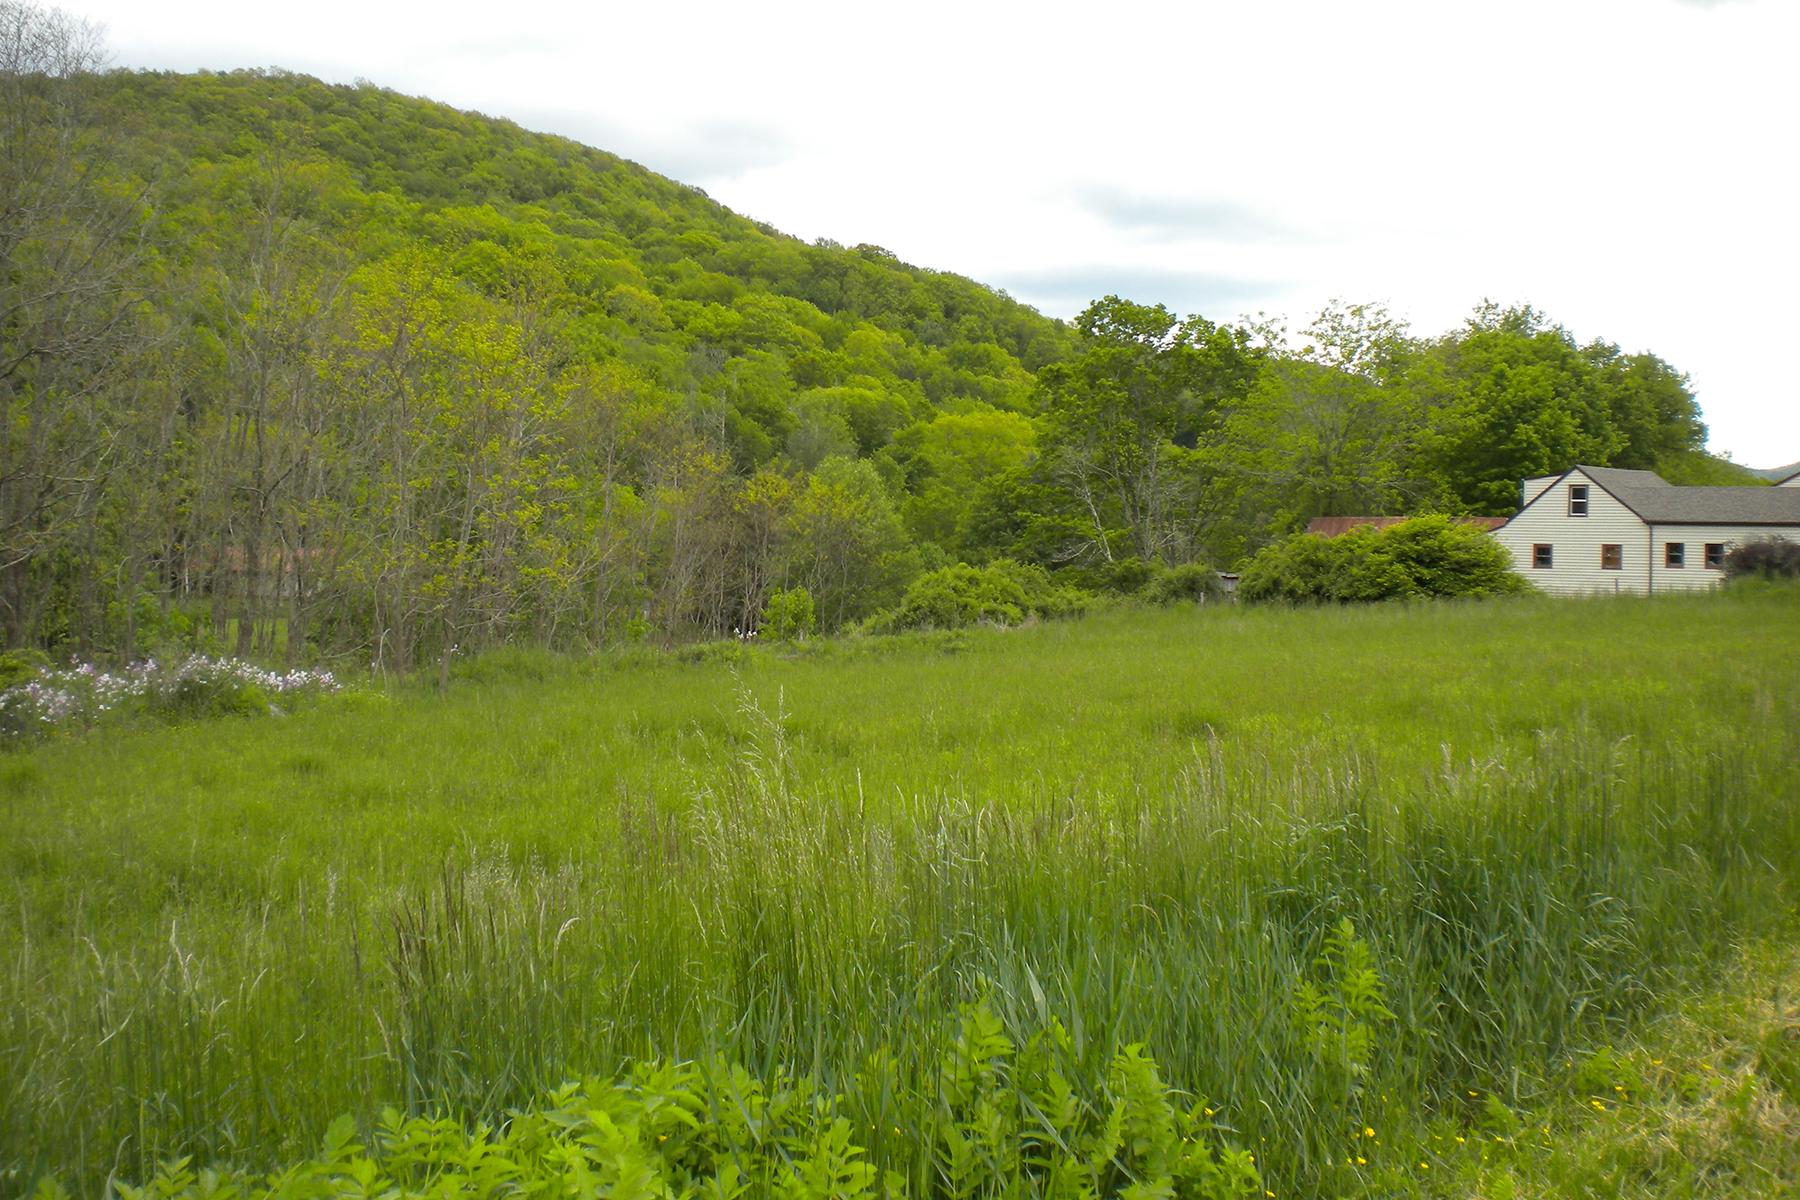 Additional photo for property listing at TBD Balm Highway (sr 194), Banner Elk, NC 28604 TBD  Balm Highway (sr 194),  Banner Elk, North Carolina 28604 United States